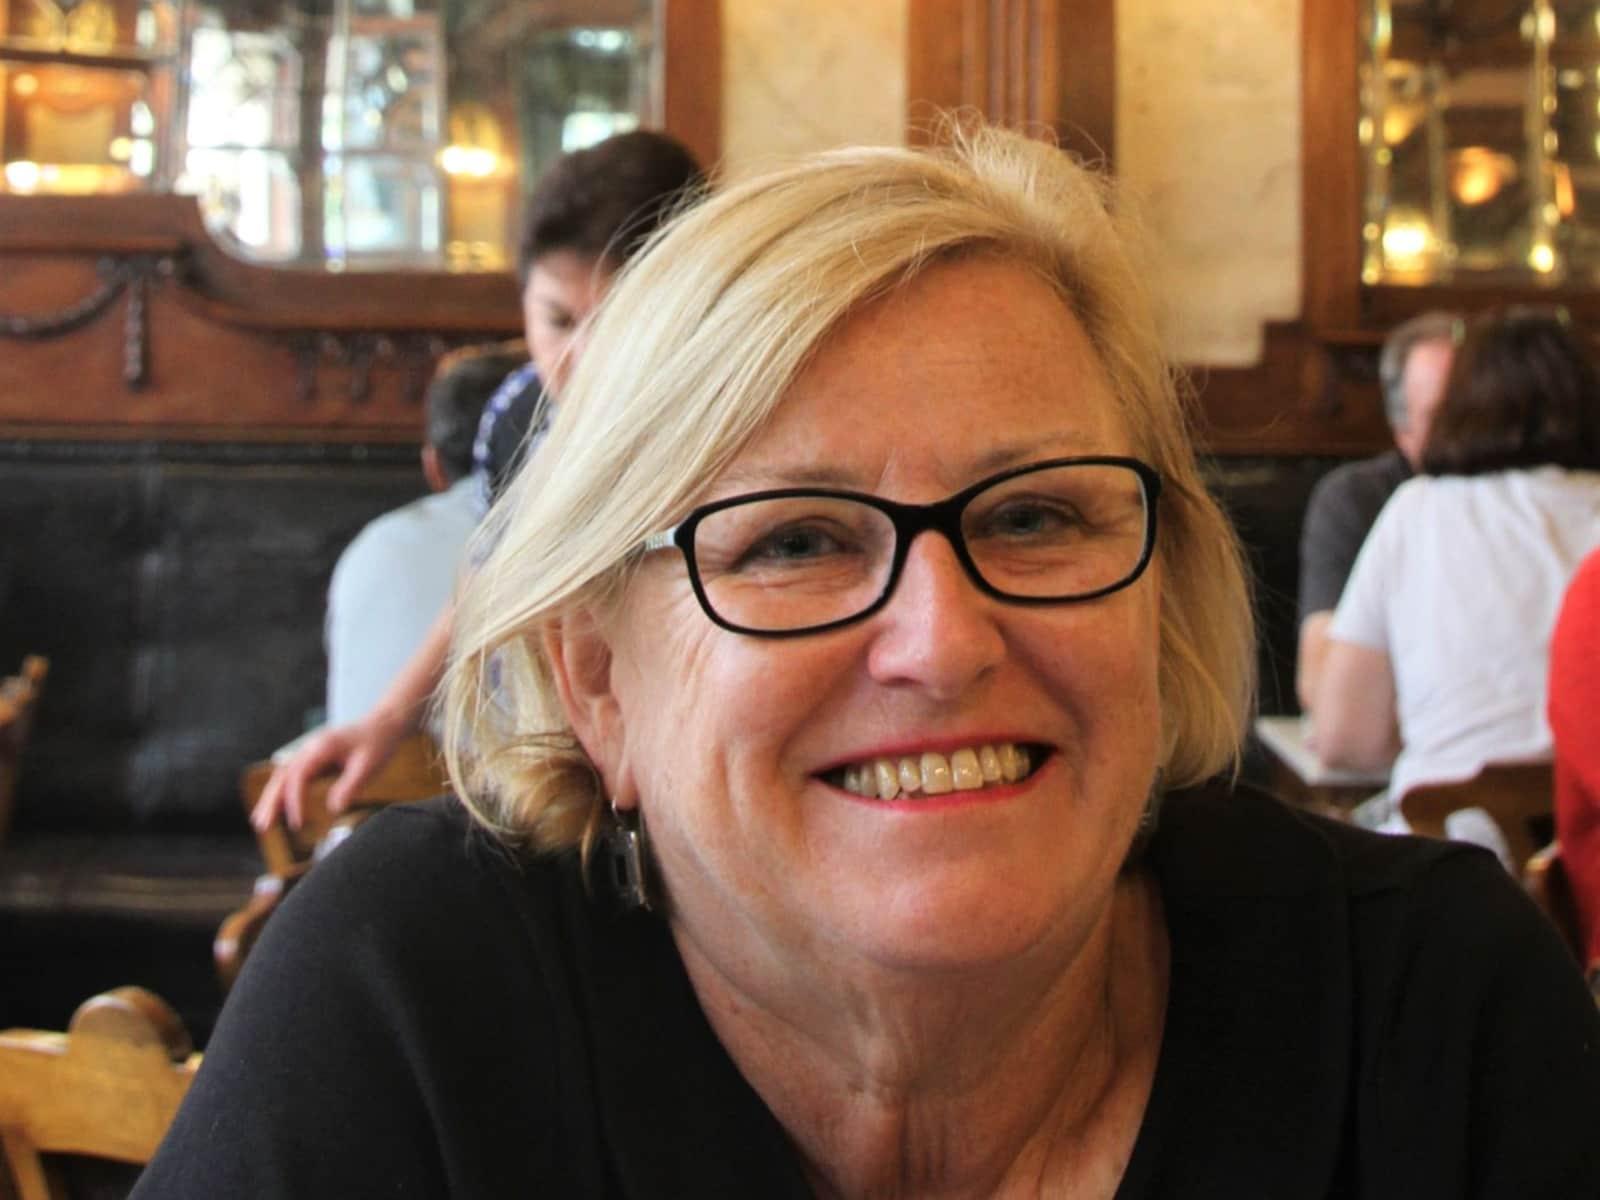 Joanne from Melbourne, Victoria, Australia